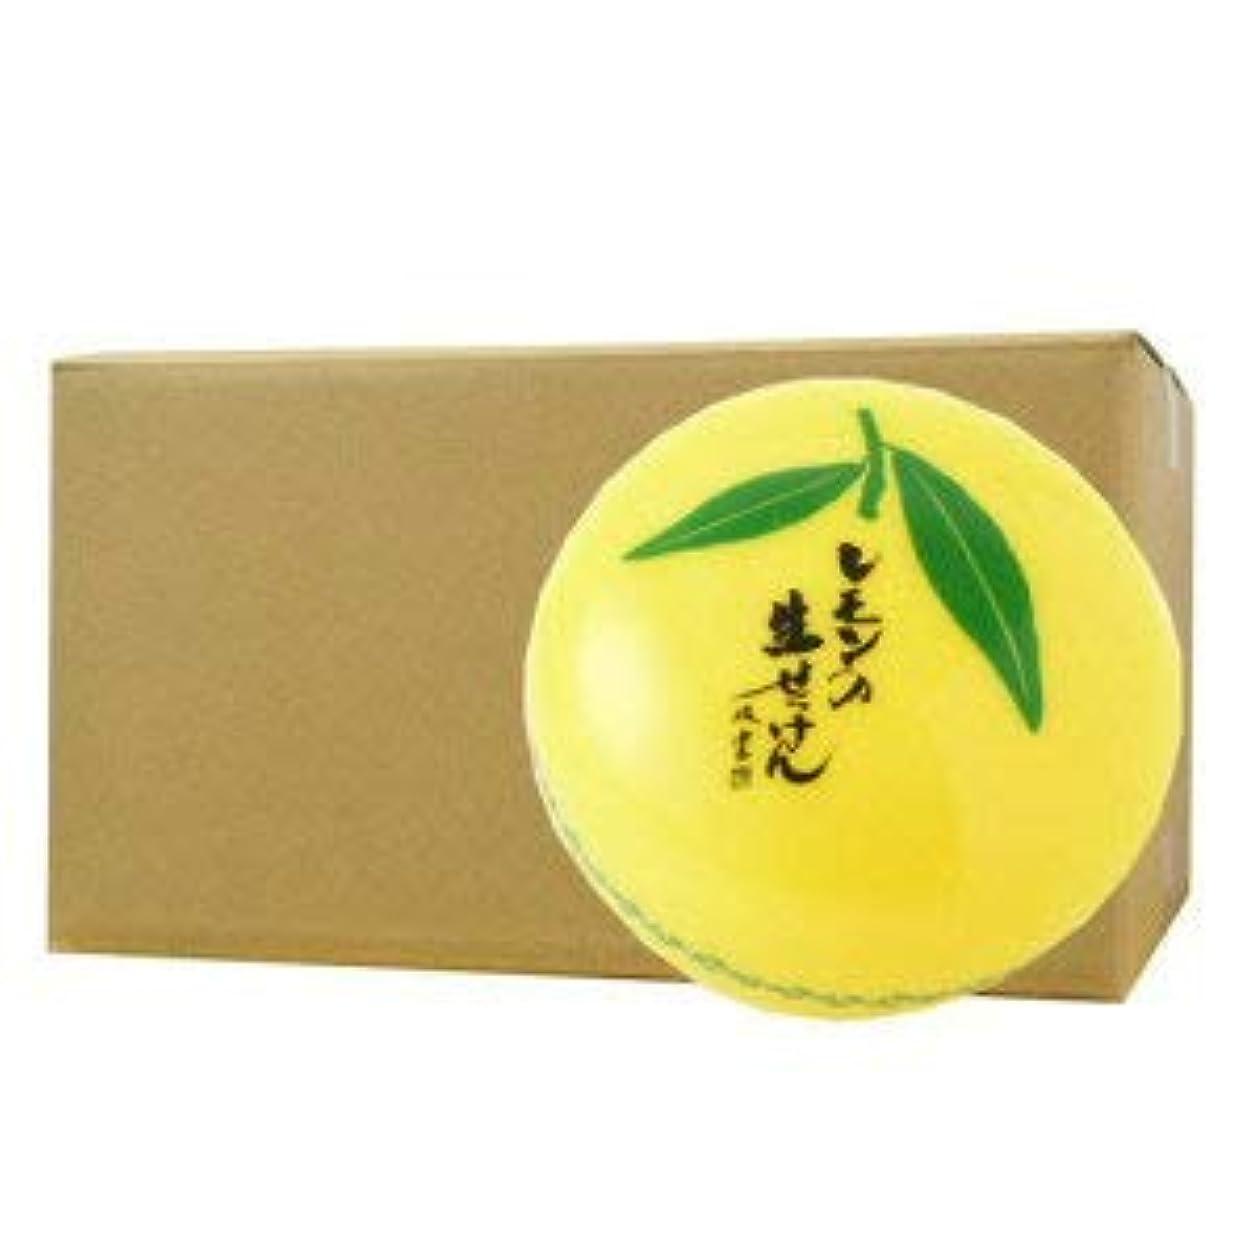 酔う補助金高潔なUYEKI美香柑レモンの生せっけん50g×72個セット